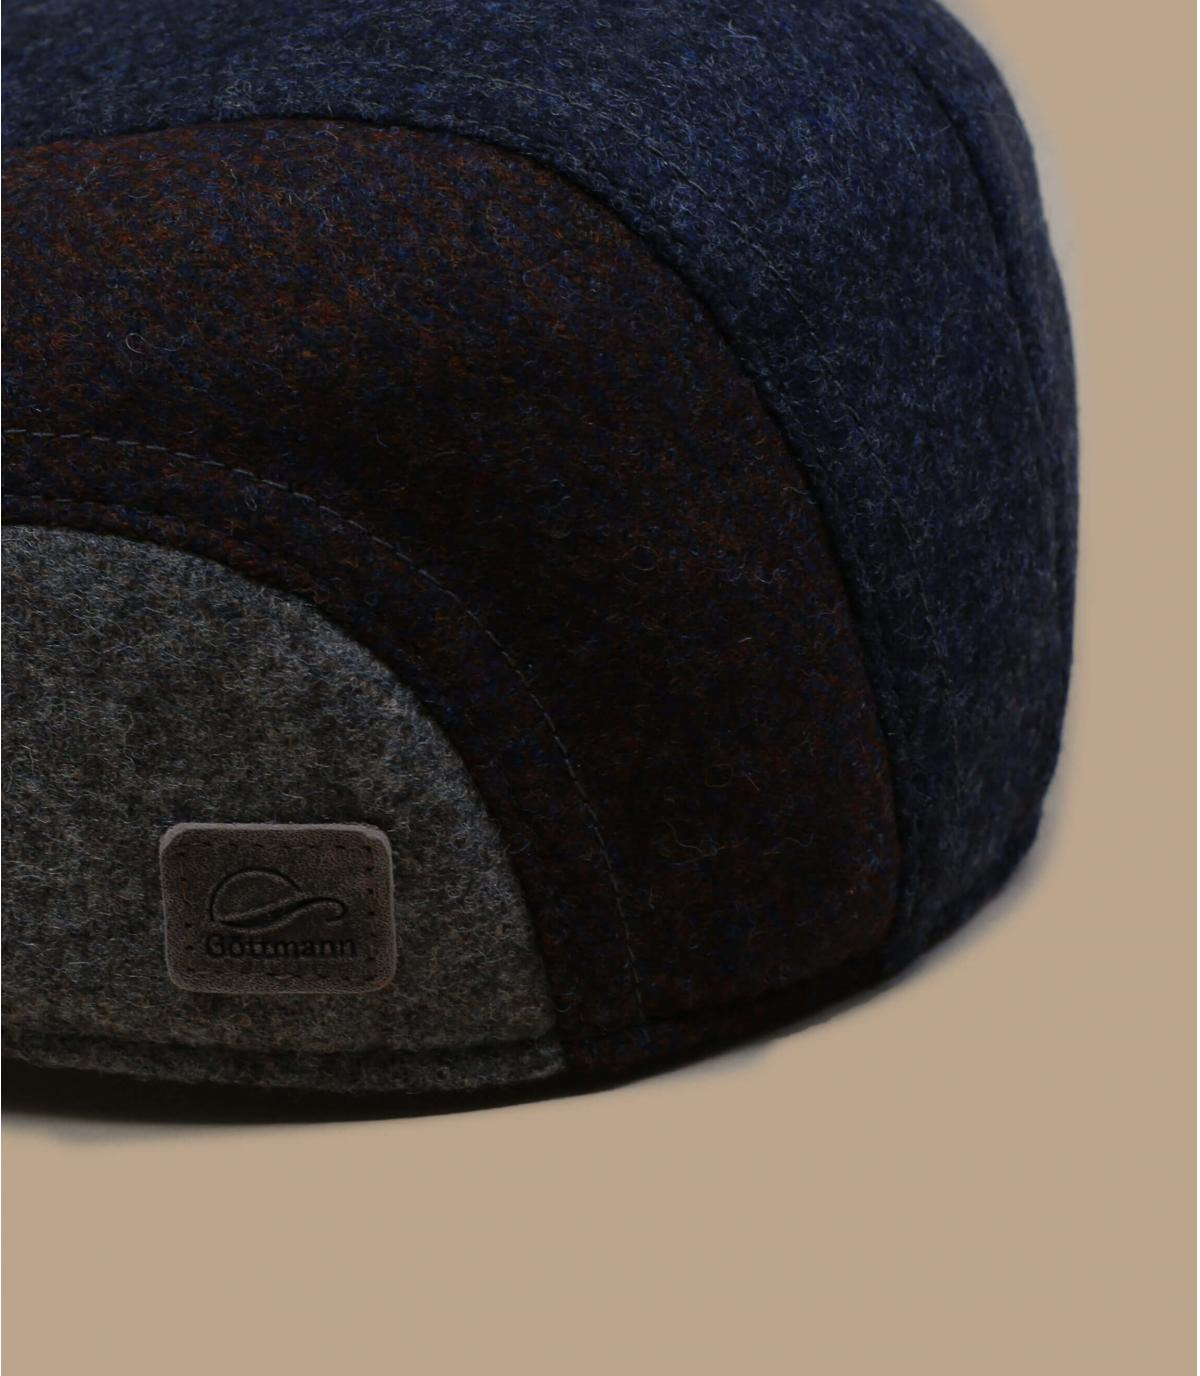 Details Baxter Earflap - Abbildung 2